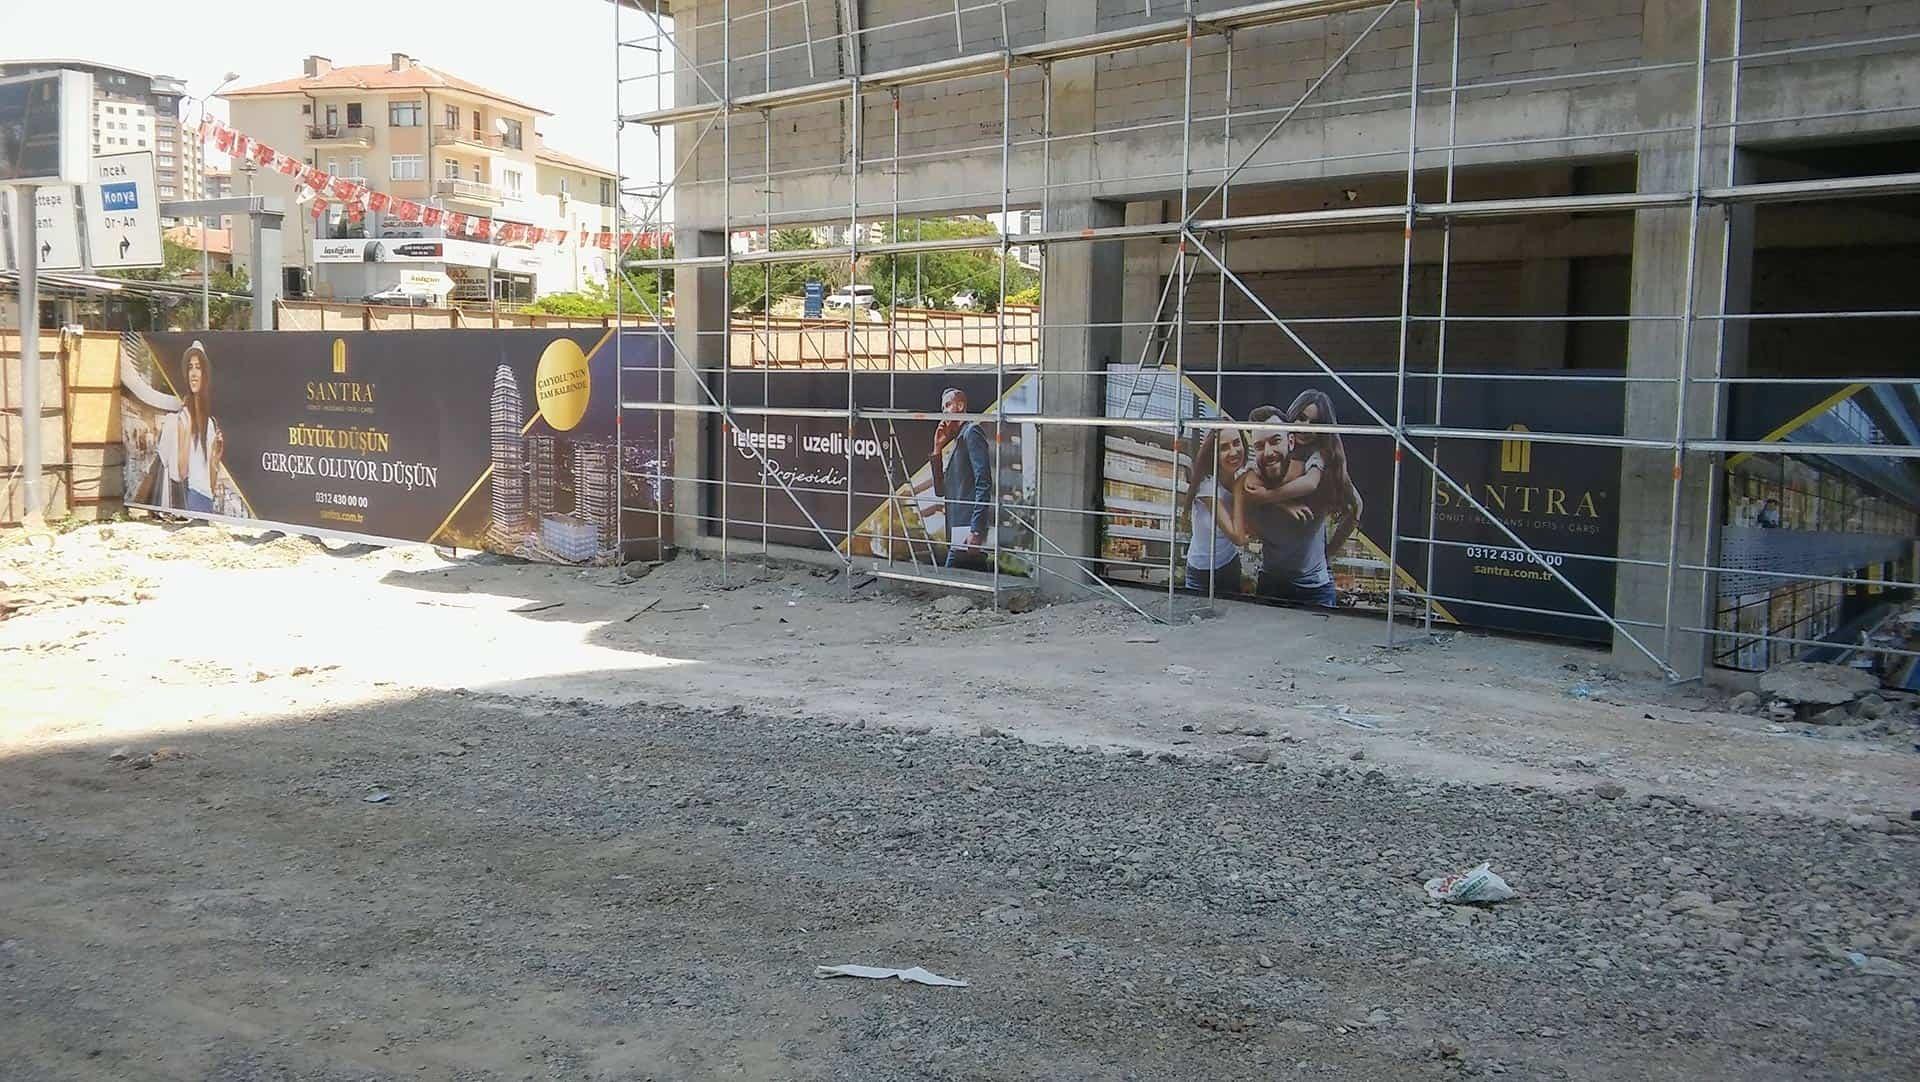 santra konut rezidans ofis insaat reklam duvar baskilari10 - Santra Konut Rezidans İnşaat Duvar Reklam Baskıları